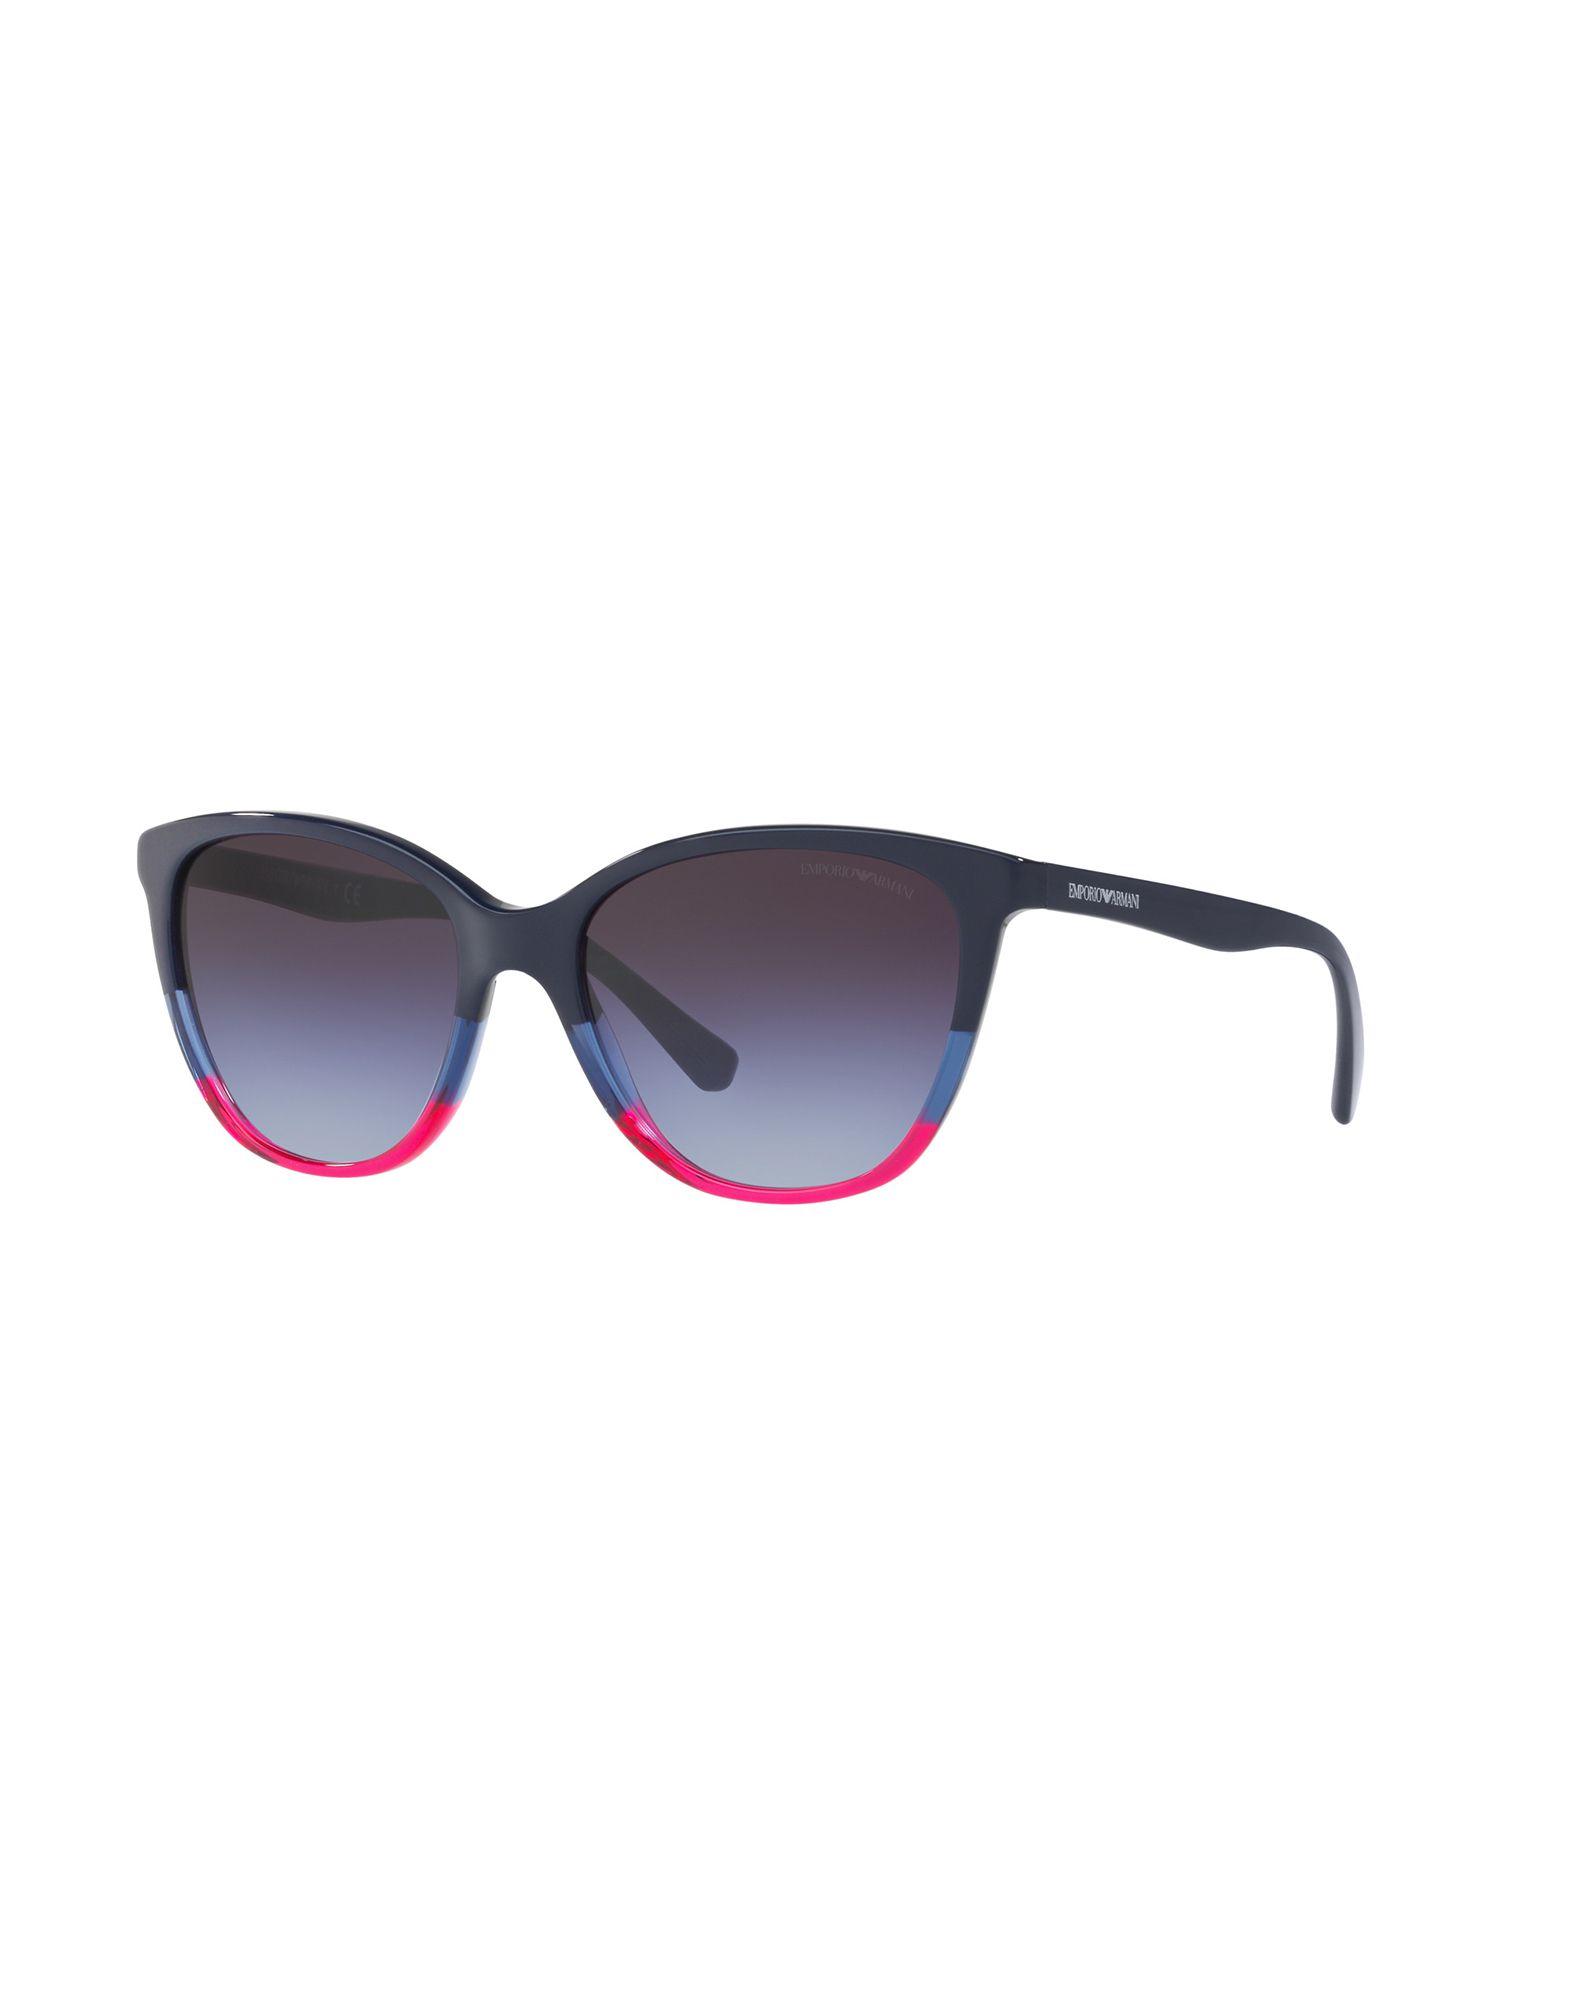 EMPORIO ARMANI Солнечные очки линзы цветные для глаз заказать